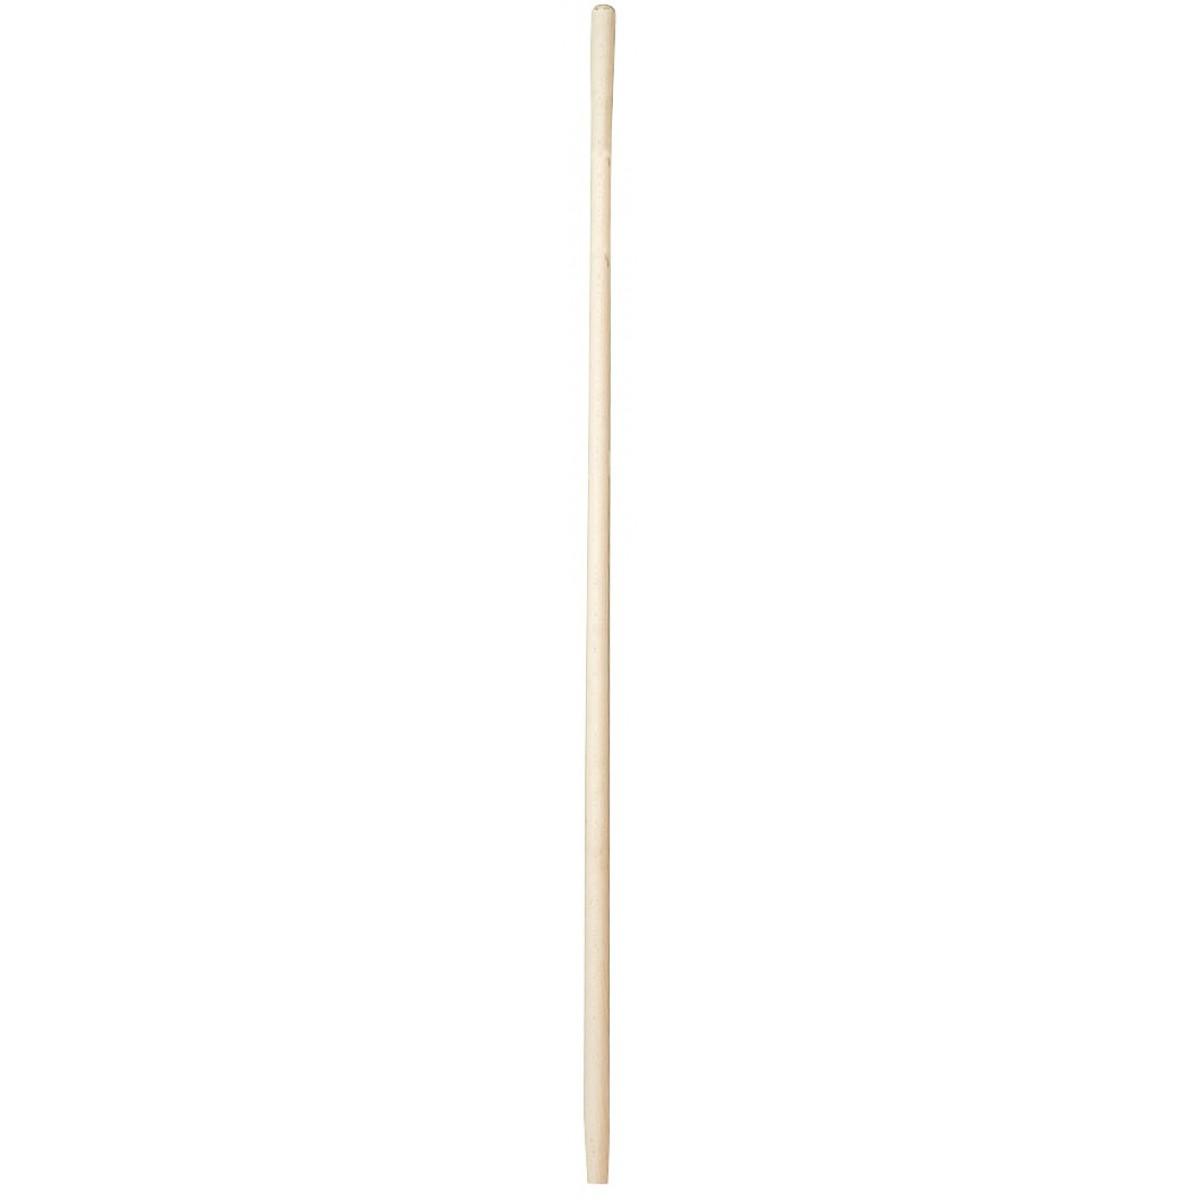 Manche bois Cap Vert - Fourche à foin percé - Diamètre 30 mm - Longueur 1,65 m